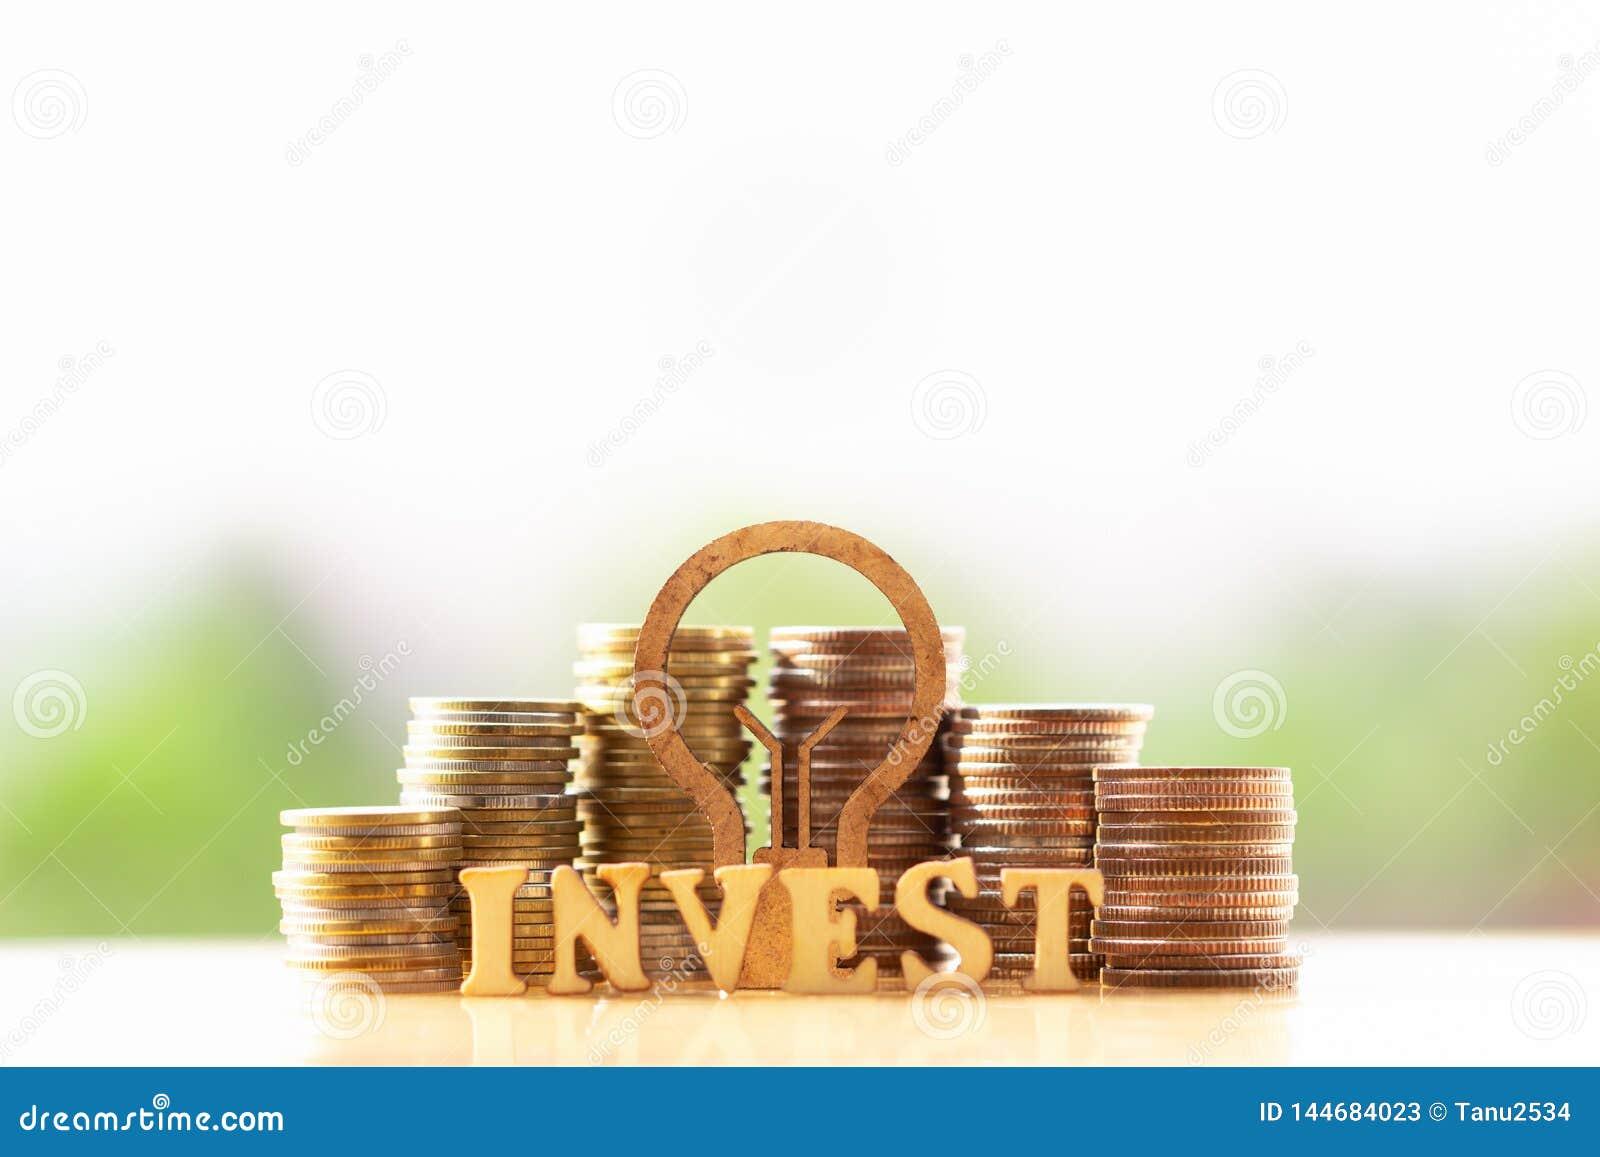 Lampadina e pila di monete nel concetto del risparmio e di crescita dei soldi o dei risparmi di energia